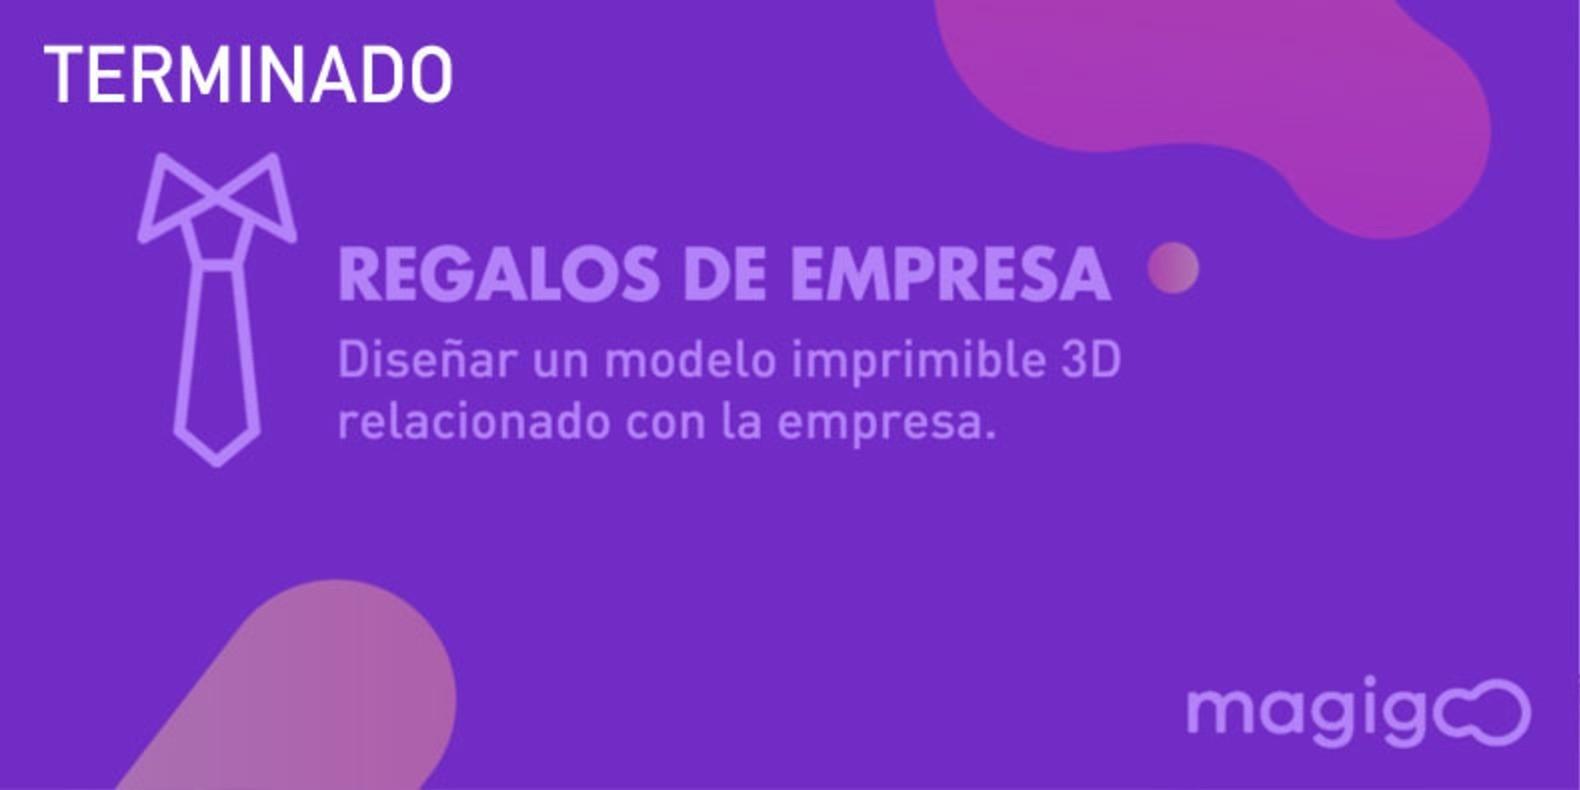 Modelar un regalo de empresa imprimible en 3D, un objeto que podemos ofrecer en una relación profesional